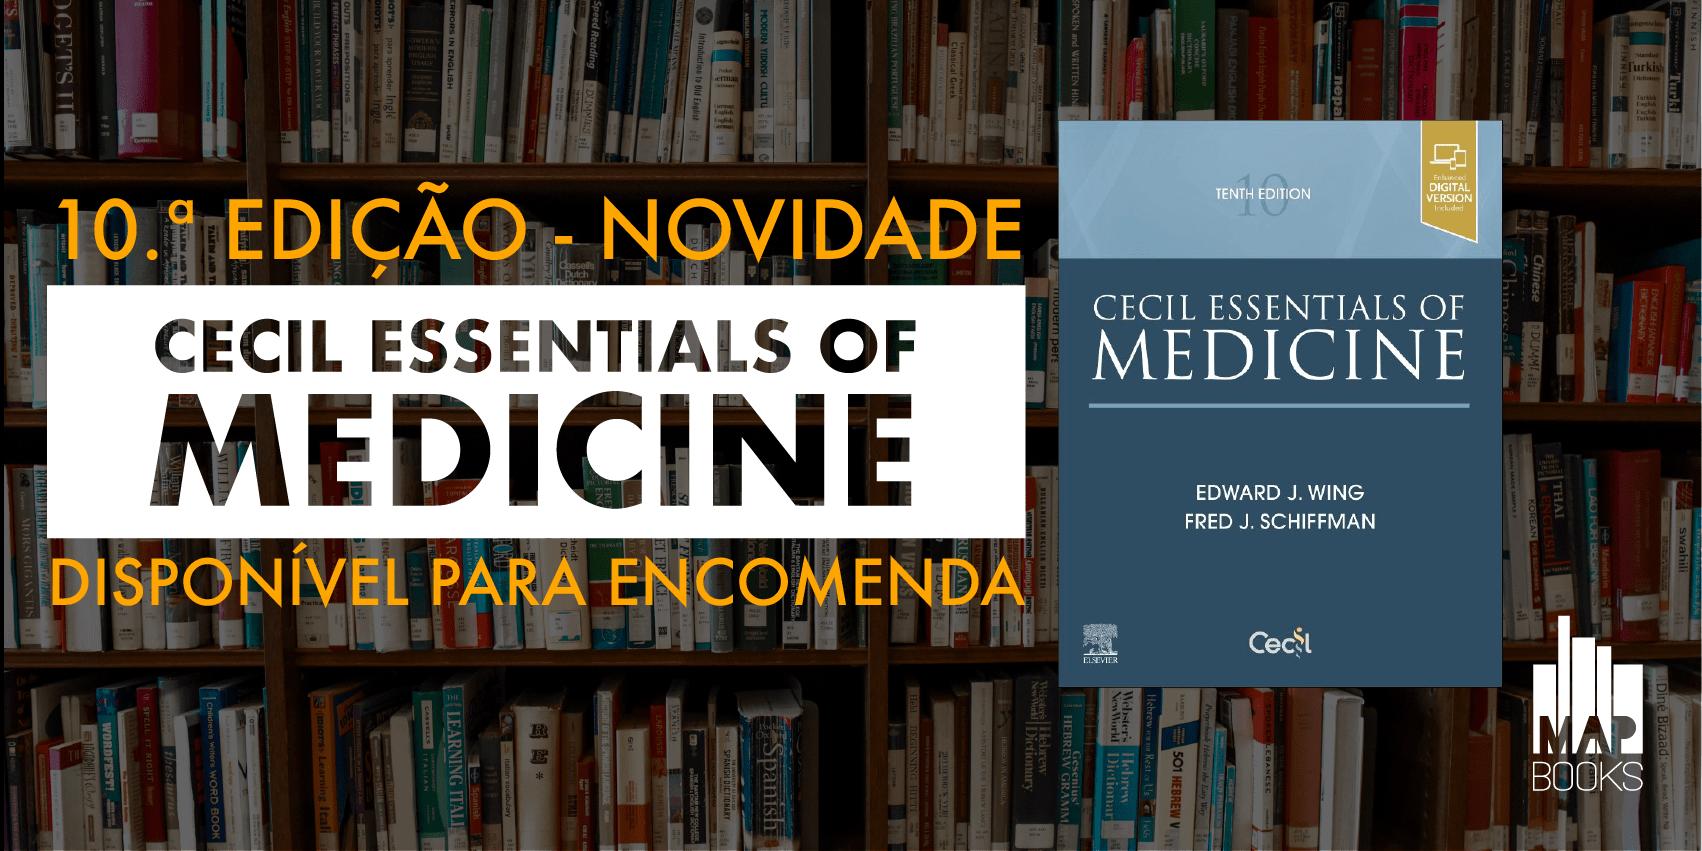 Novidade: Cecil Essentials of Medicine, 10th edition. Já disponível para encomenda.